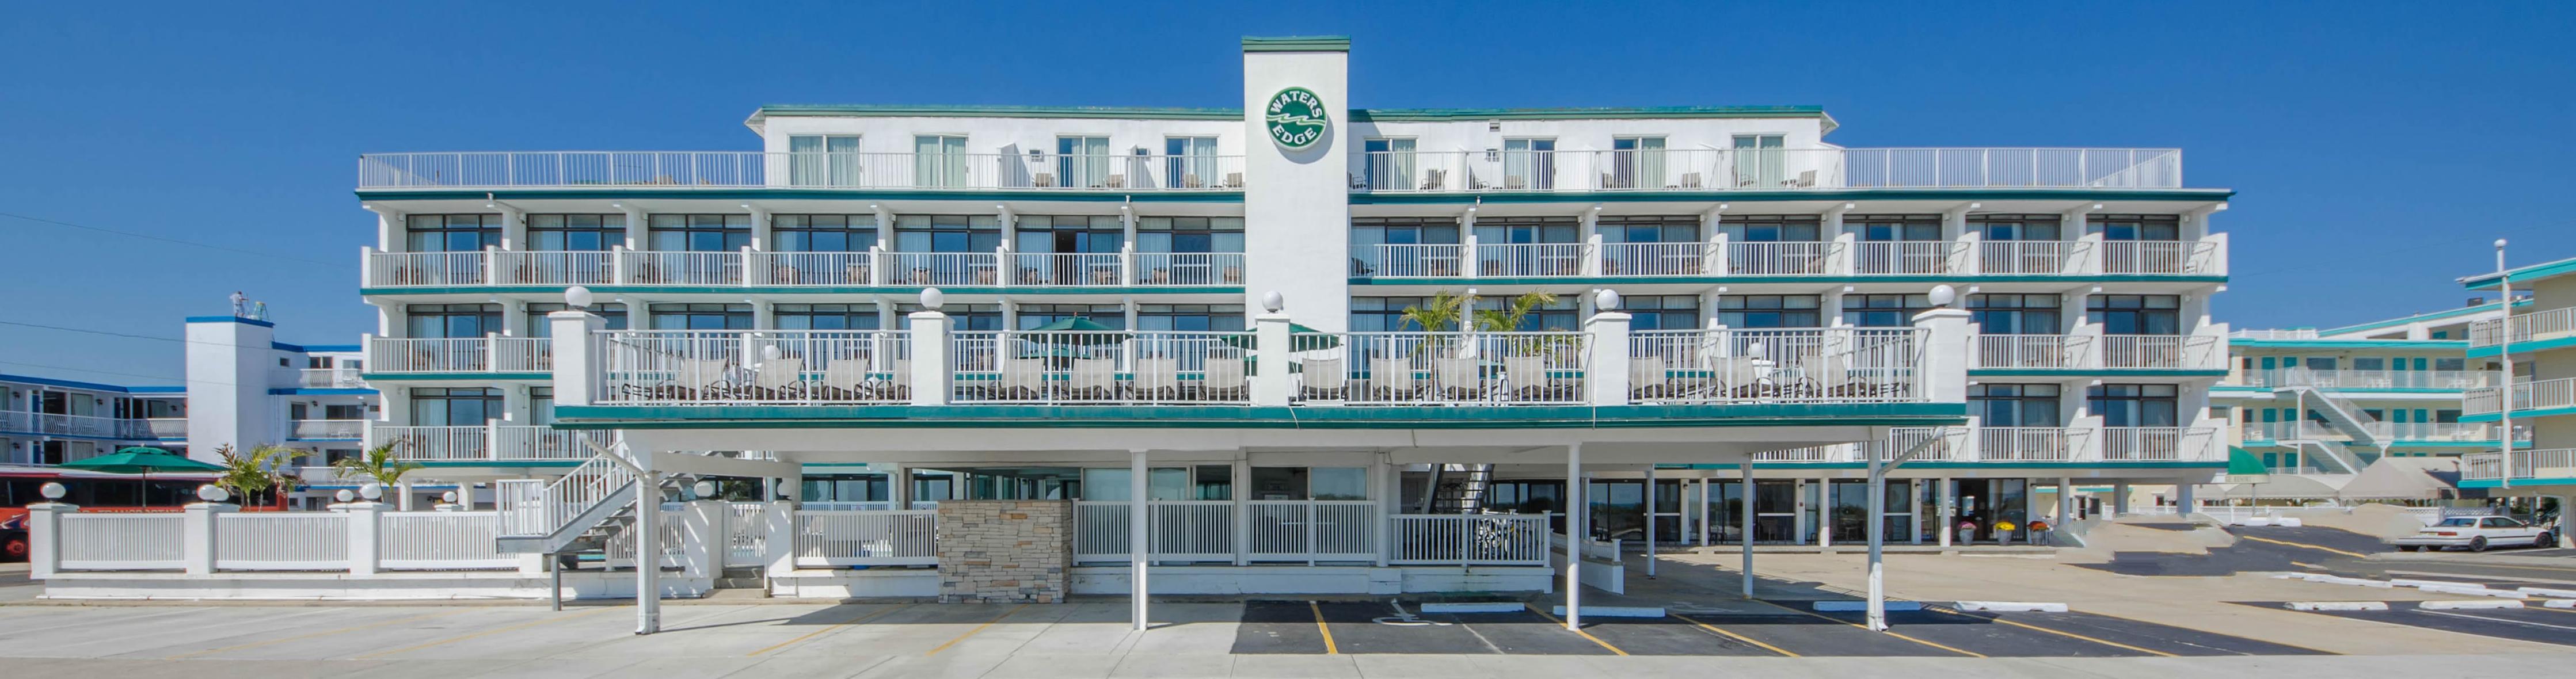 Pan american hotel wildwood crest nj - Welcome To The Waters Edge Ocean Resort In Wildwood Crest New Jersey